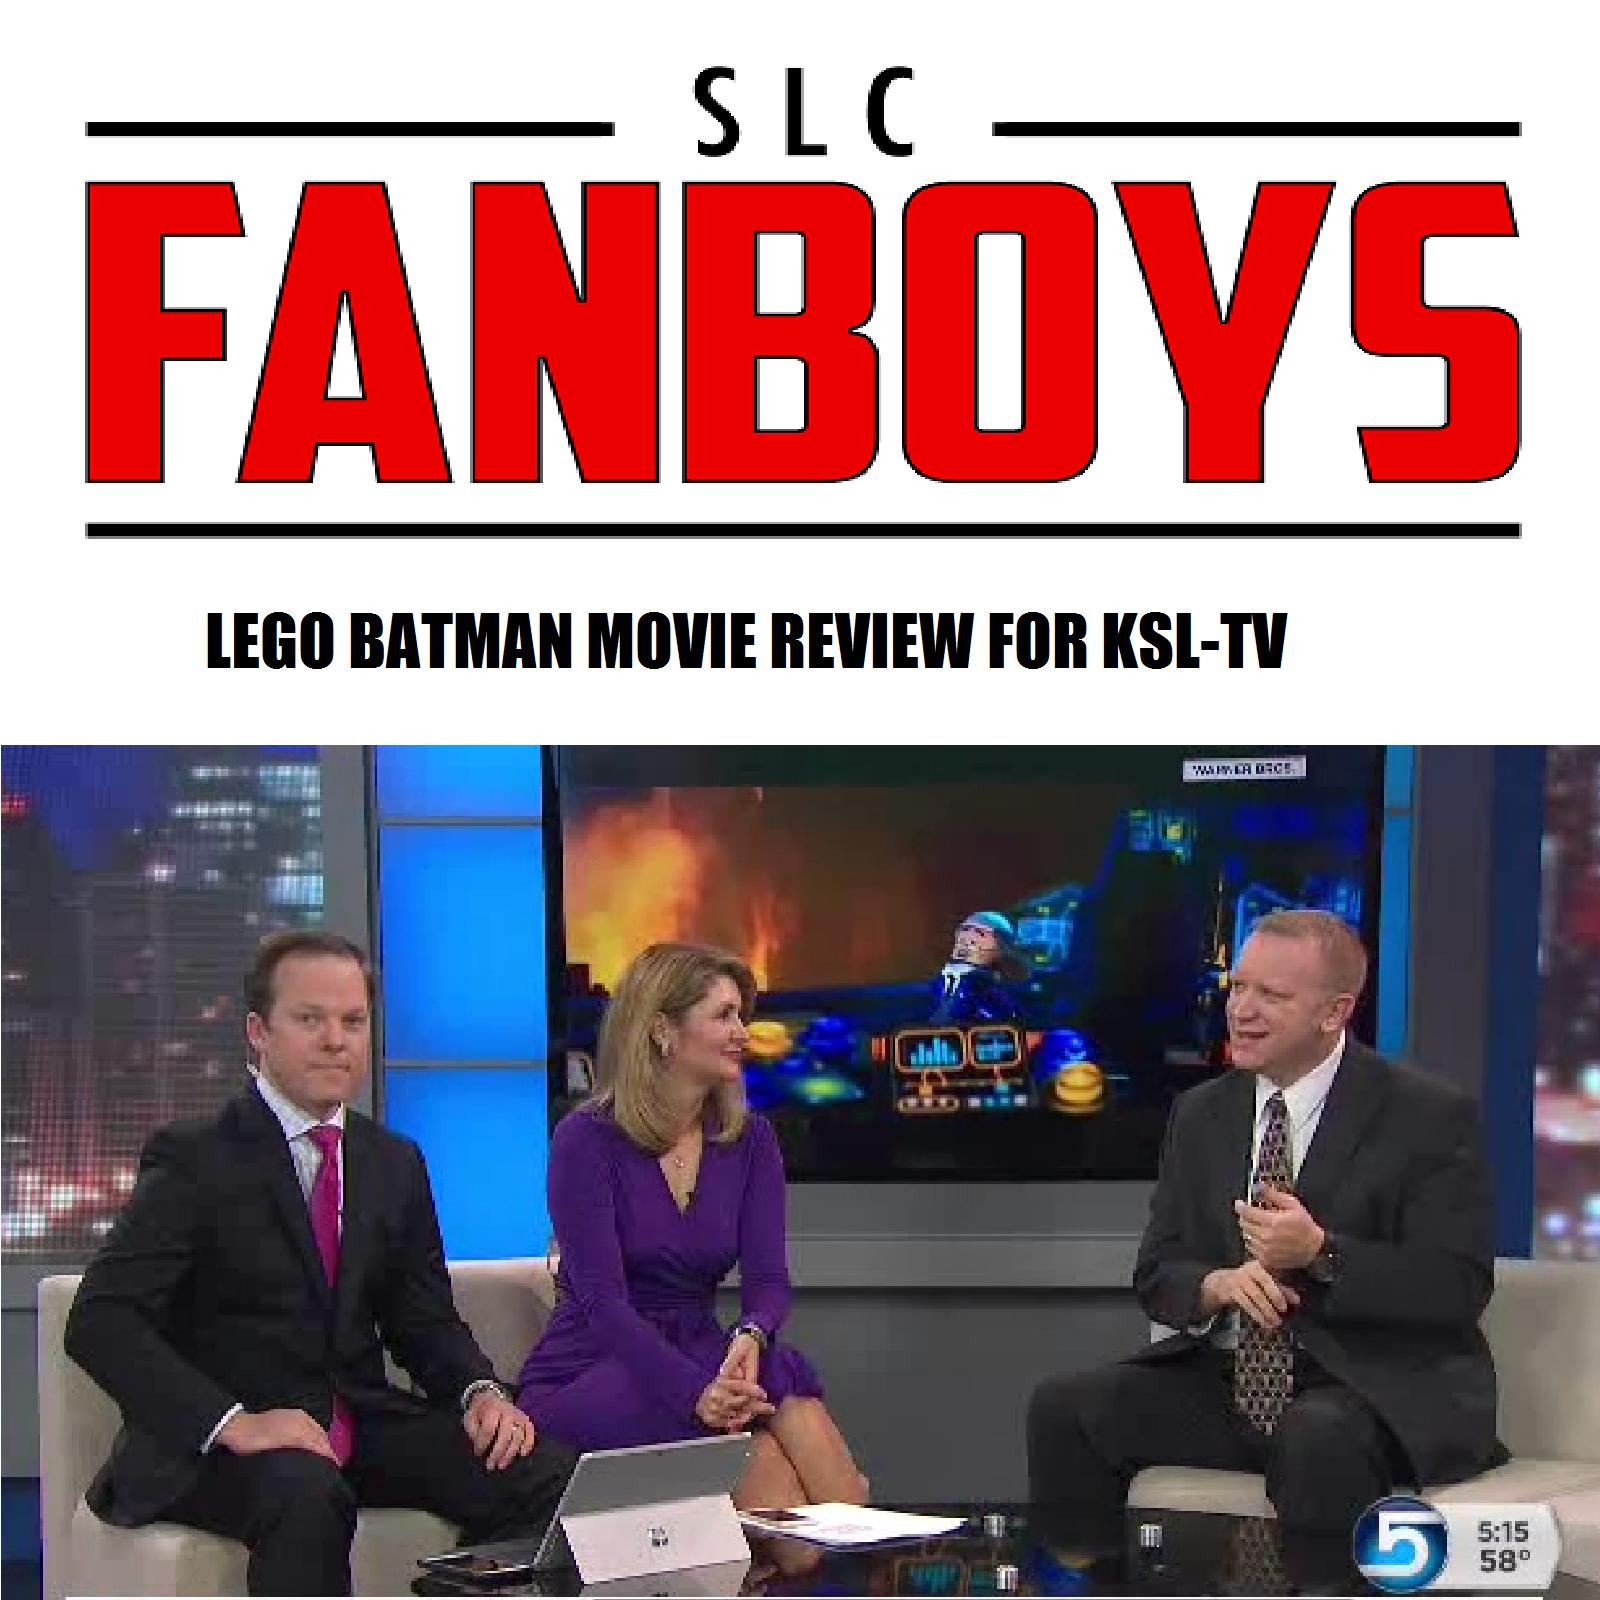 Artwork for VIDEO: LEGO BATMAN MOVIE review for KSL-TV (Salt Lake City)